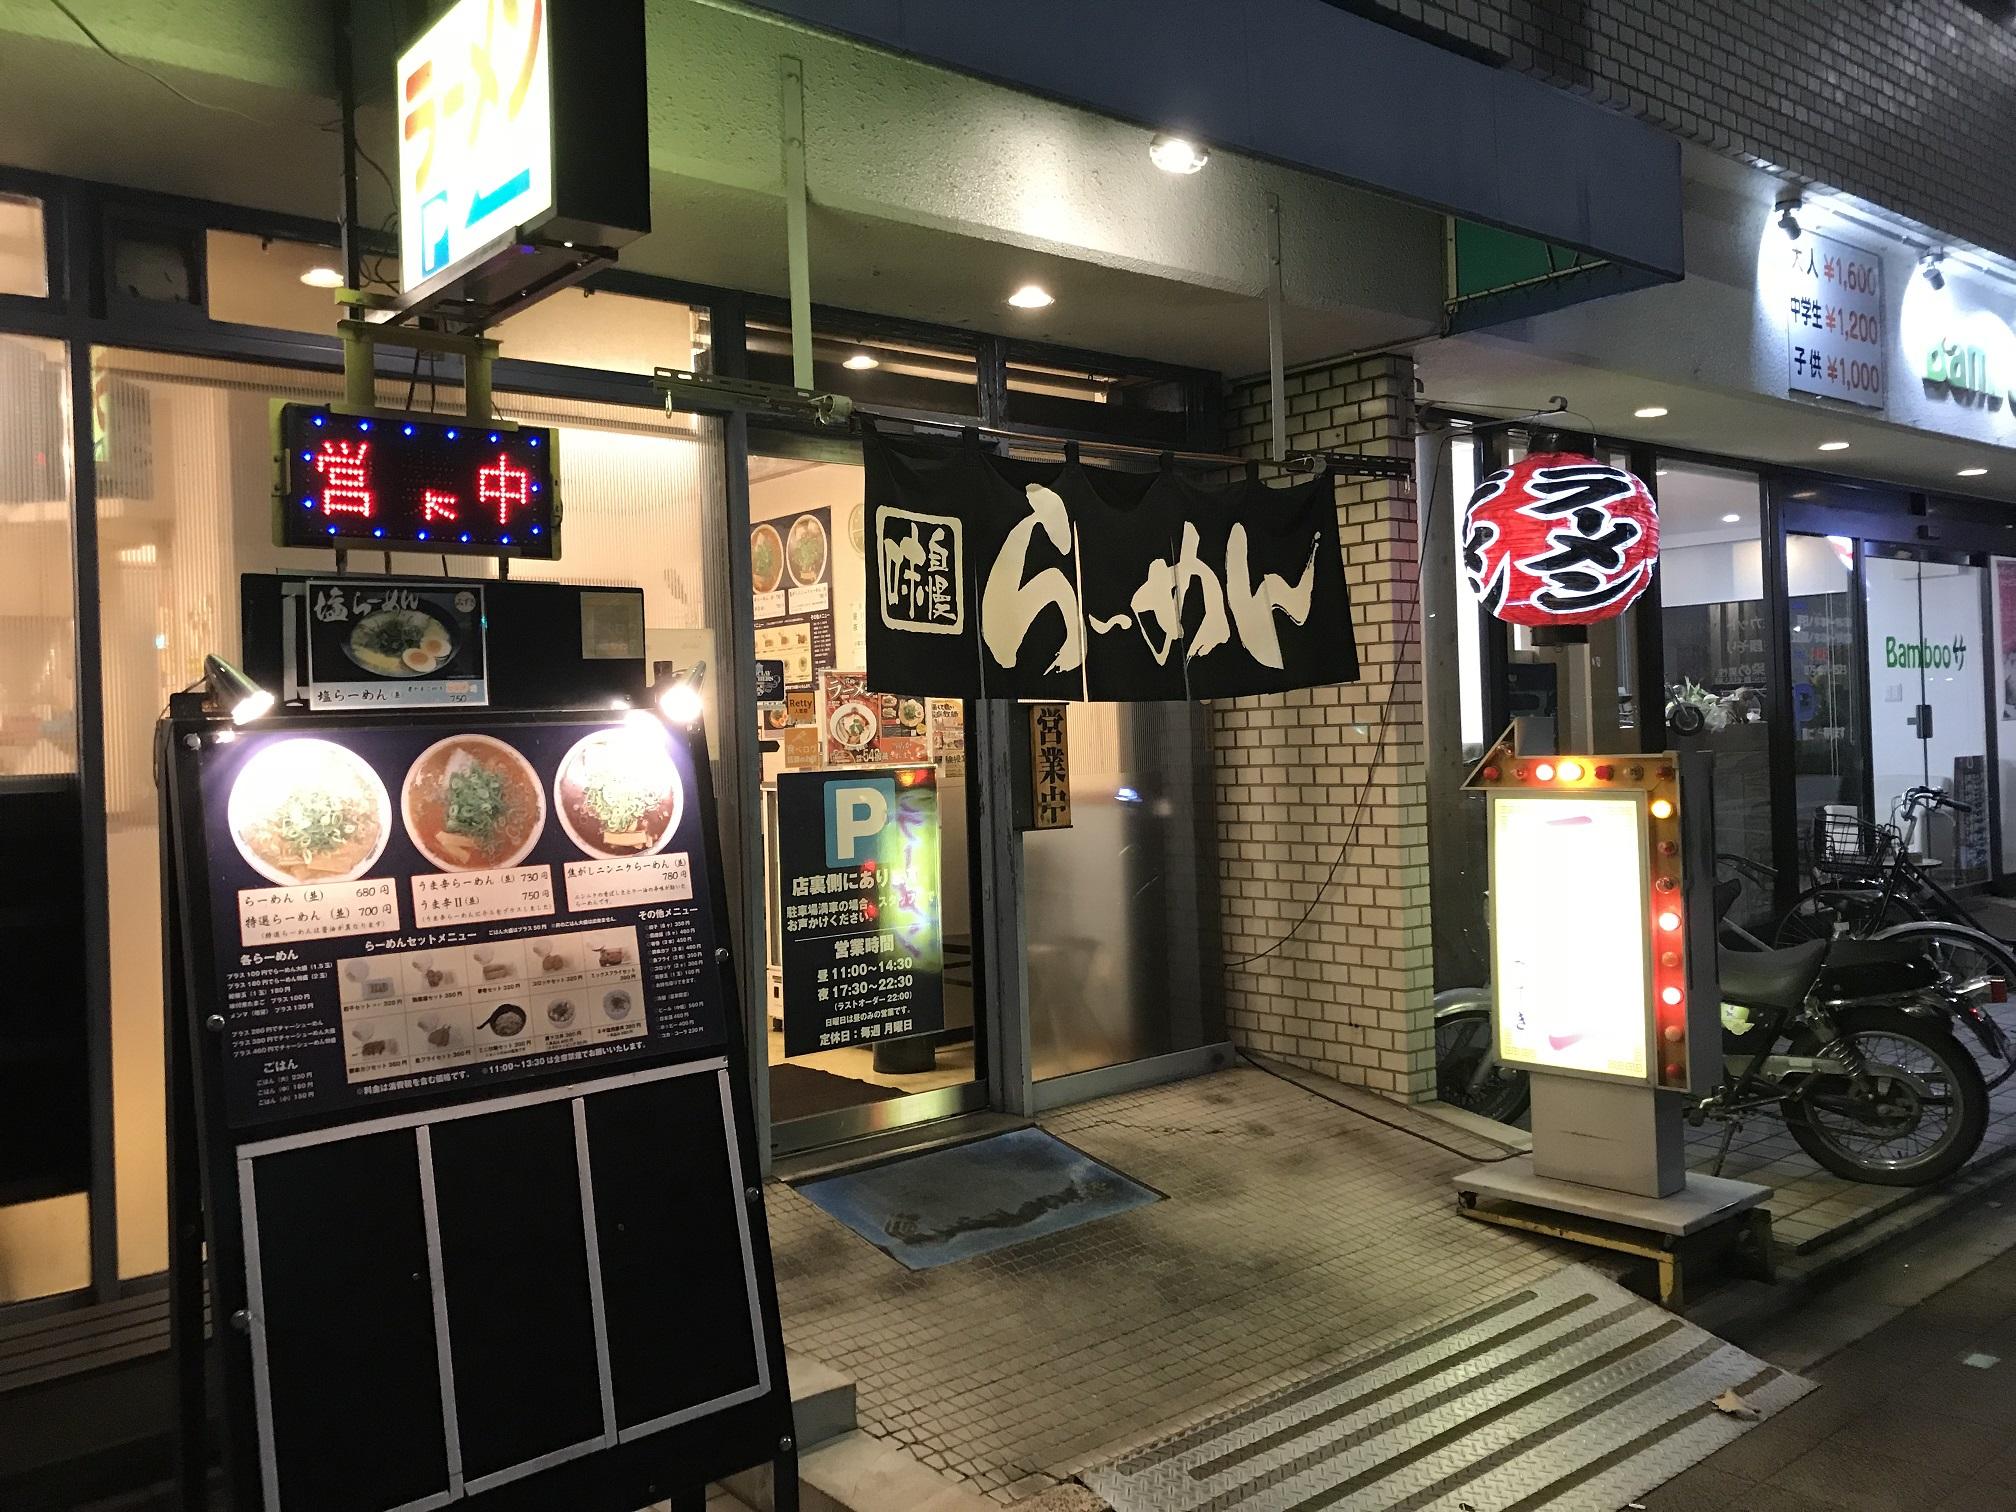 ラーメンみずき(京都市南区/ラーメン屋)